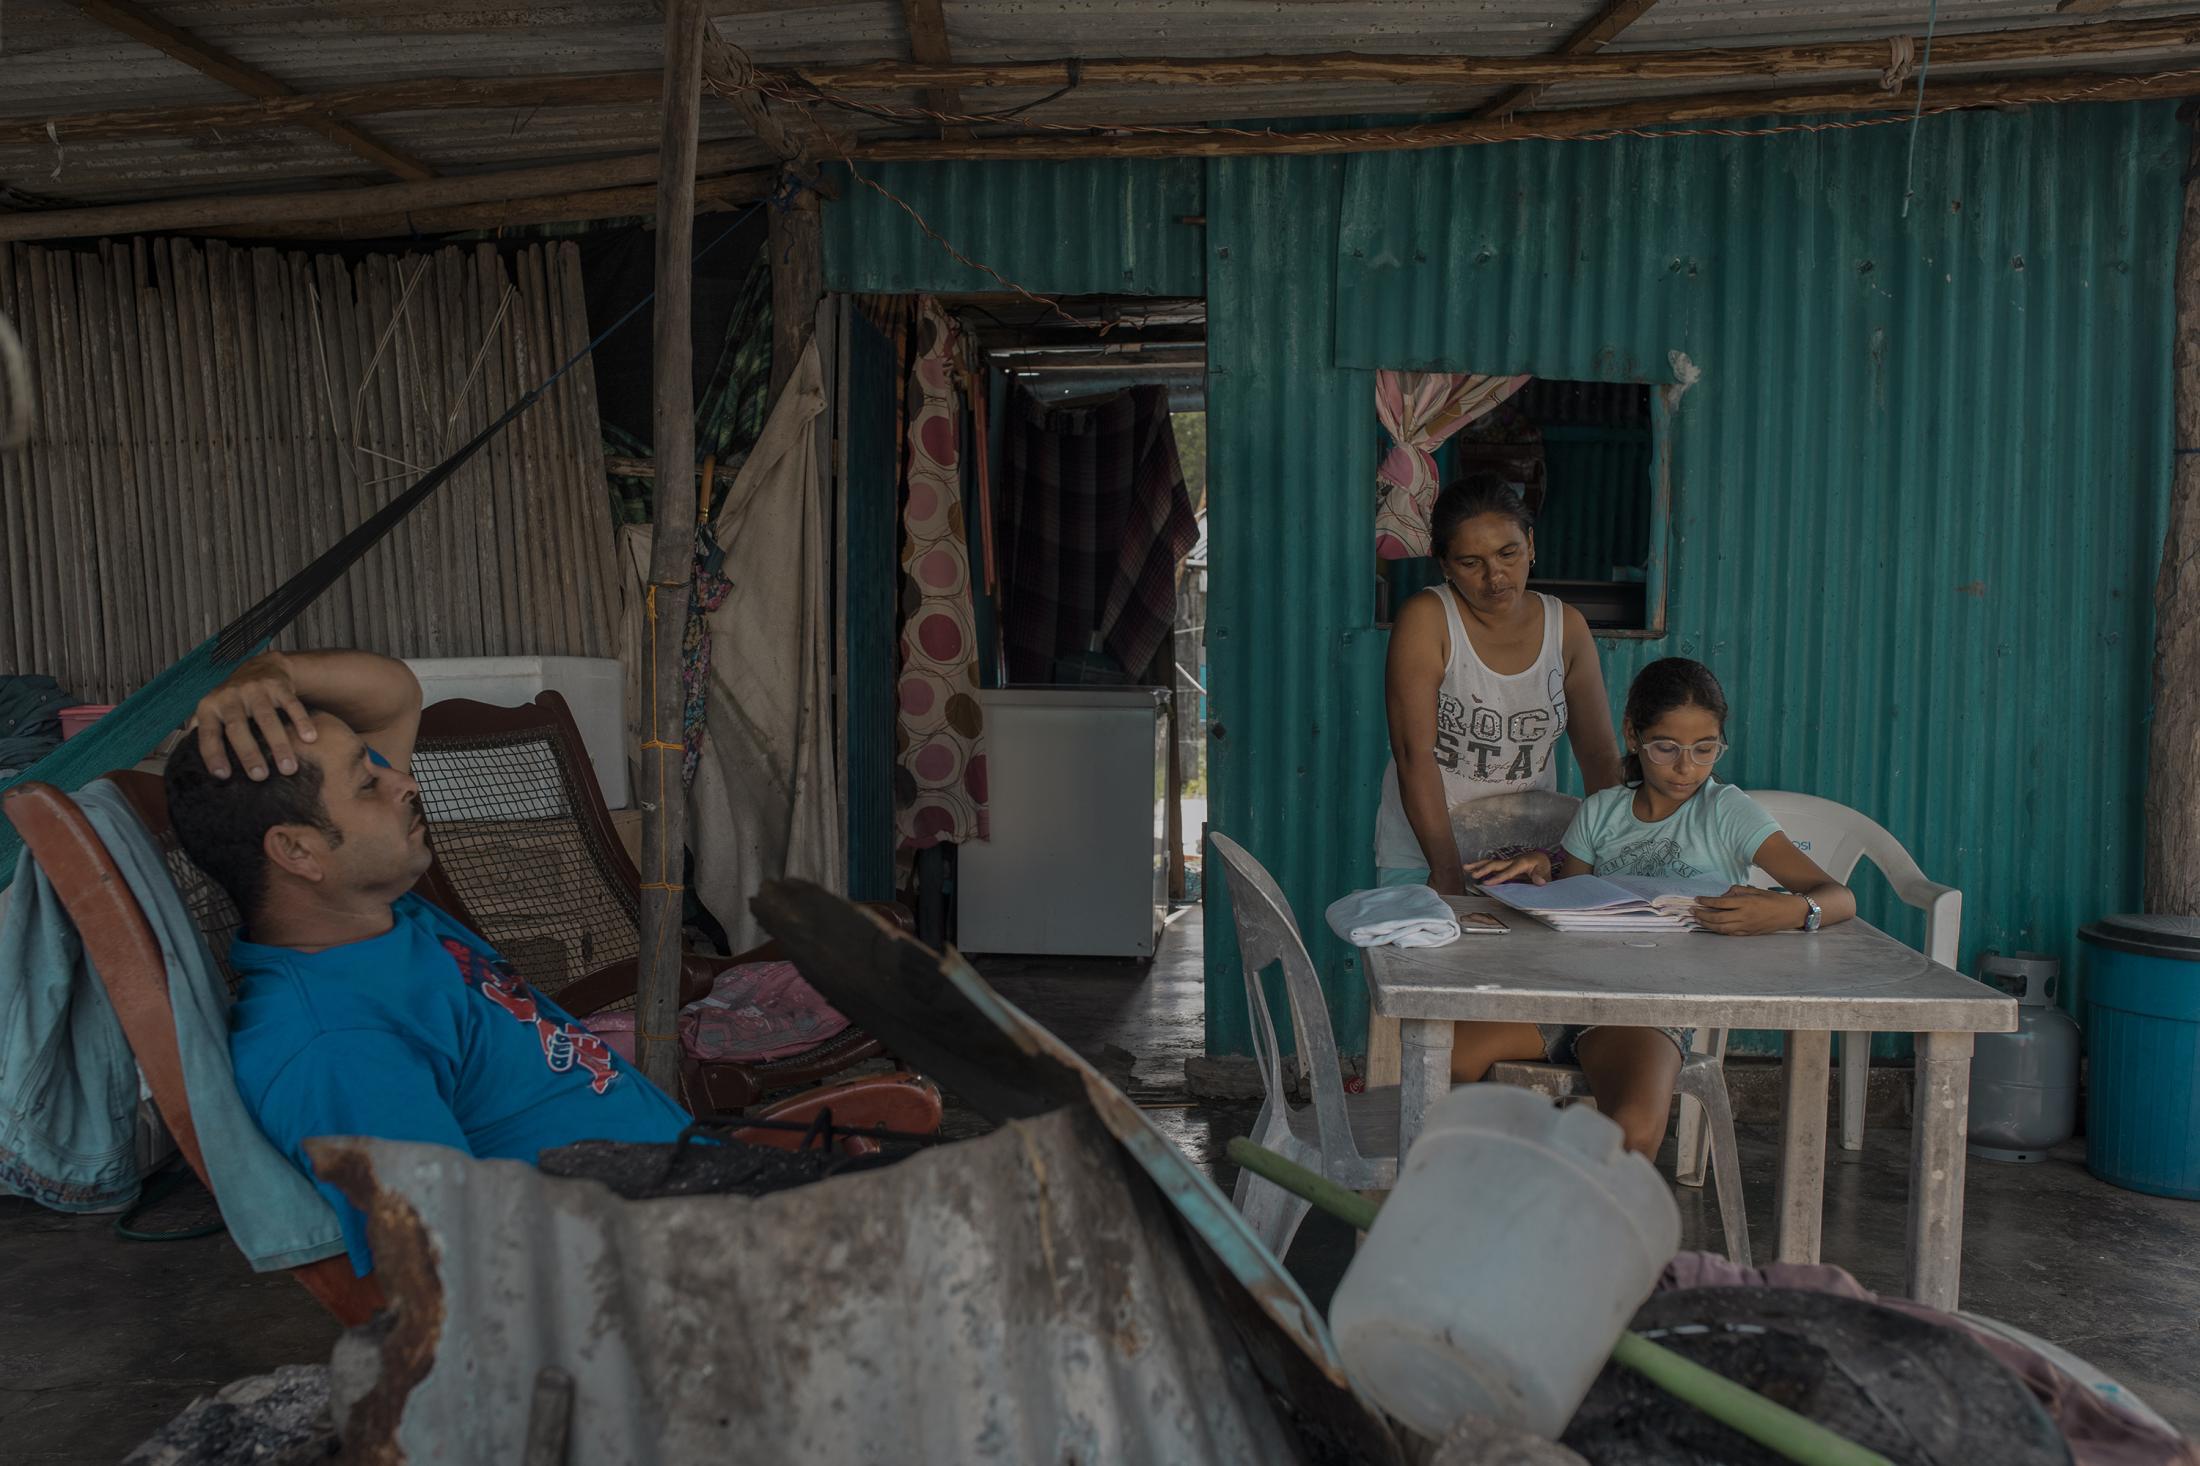 Sara Chavez, 11 años, repasa sus tareas con ayuda de sus madre en la vivienda de la comunidad de Costa de San Juan, Alvarado. Sara ha sido una de las estudiantes afectadas por la pandemia del Covid-19 al vivir en una comunidad sin energía eléctrica ni internet para poder realizar sus actividades académicas.